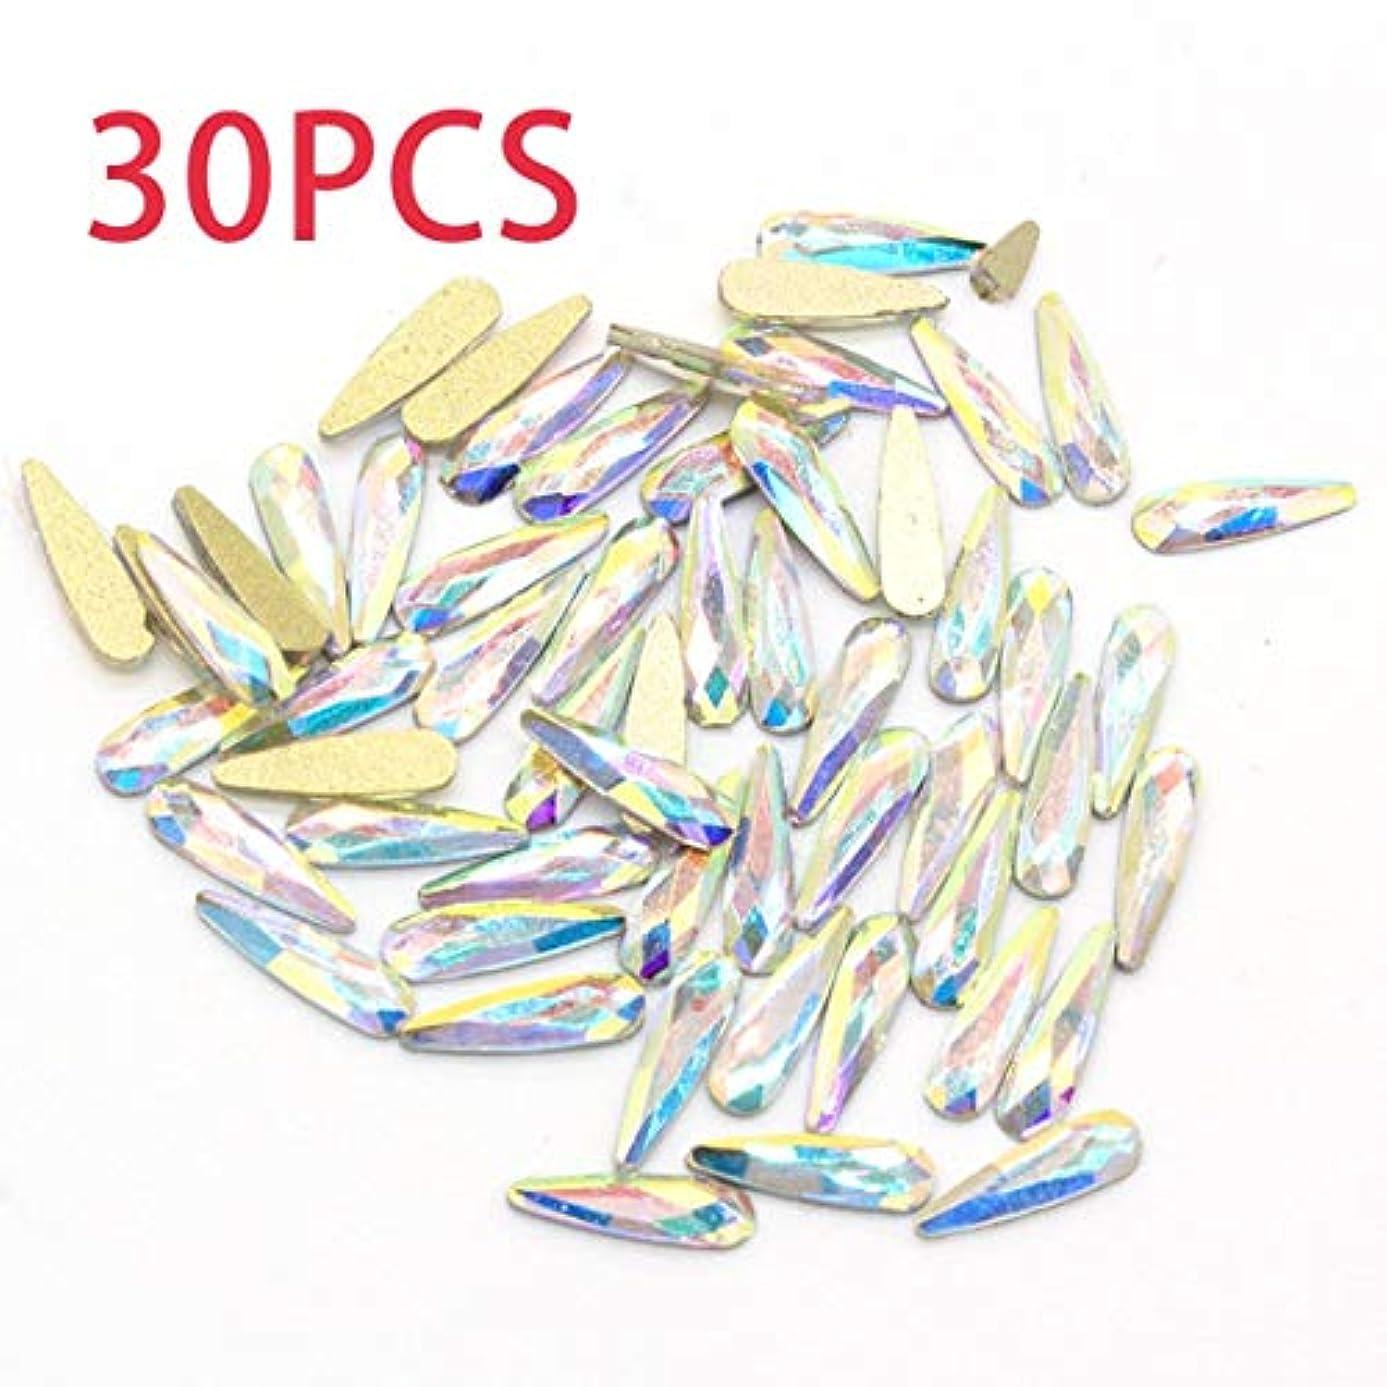 ペインティンググラフィック愛人Birdlanternネイルクリスタル宝石用釘3Dネイルアートの装飾フラットバックドロップガラスストラスストーンジュエリーABダイヤモンドDIY